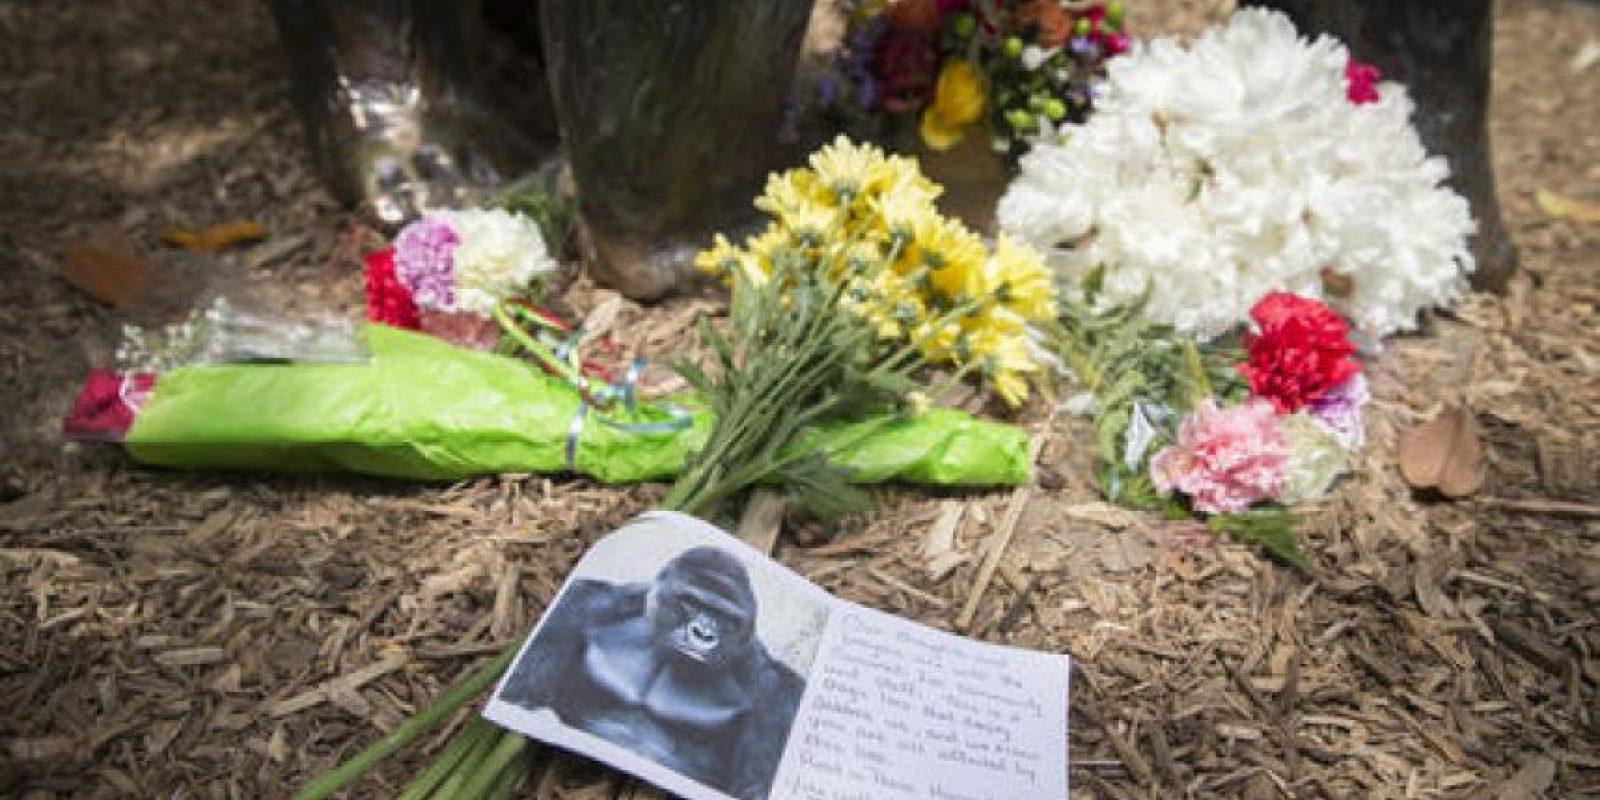 Las críticas en el mundo apuntan a que se tenía que haber evitado el sacrificio. Foto:AP